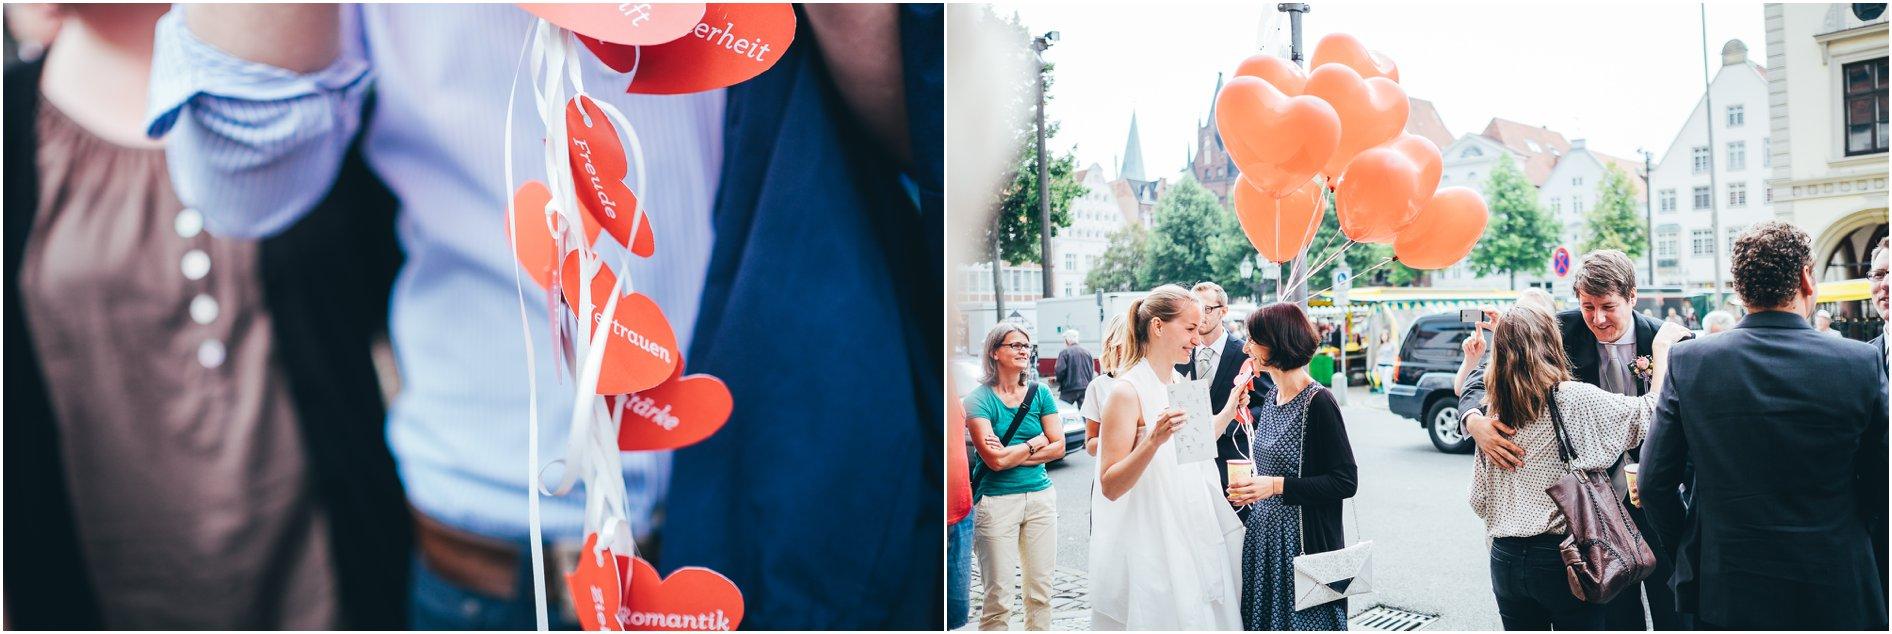 2014-10-13_0039 Jenny & Matthias - Hochzeitsfotograf auf Gut Bardenhagen